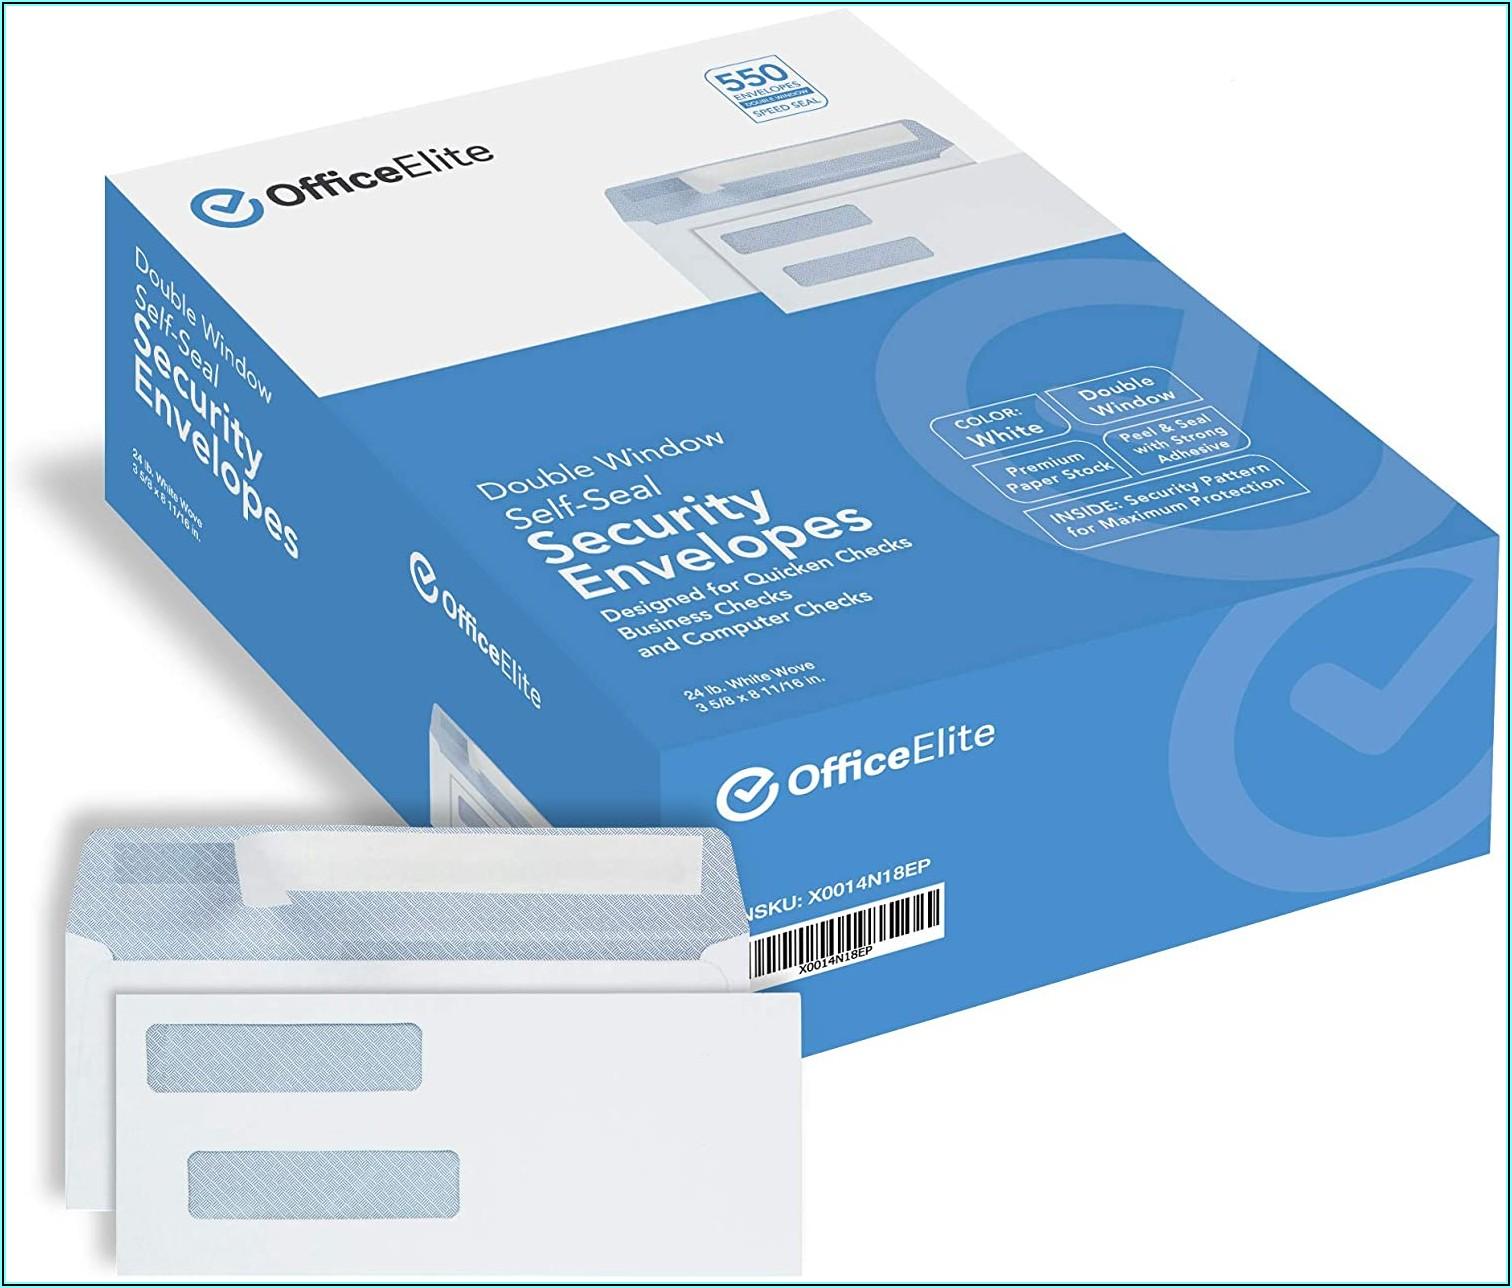 Self Seal Window Envelopes For Quickbooks Checks